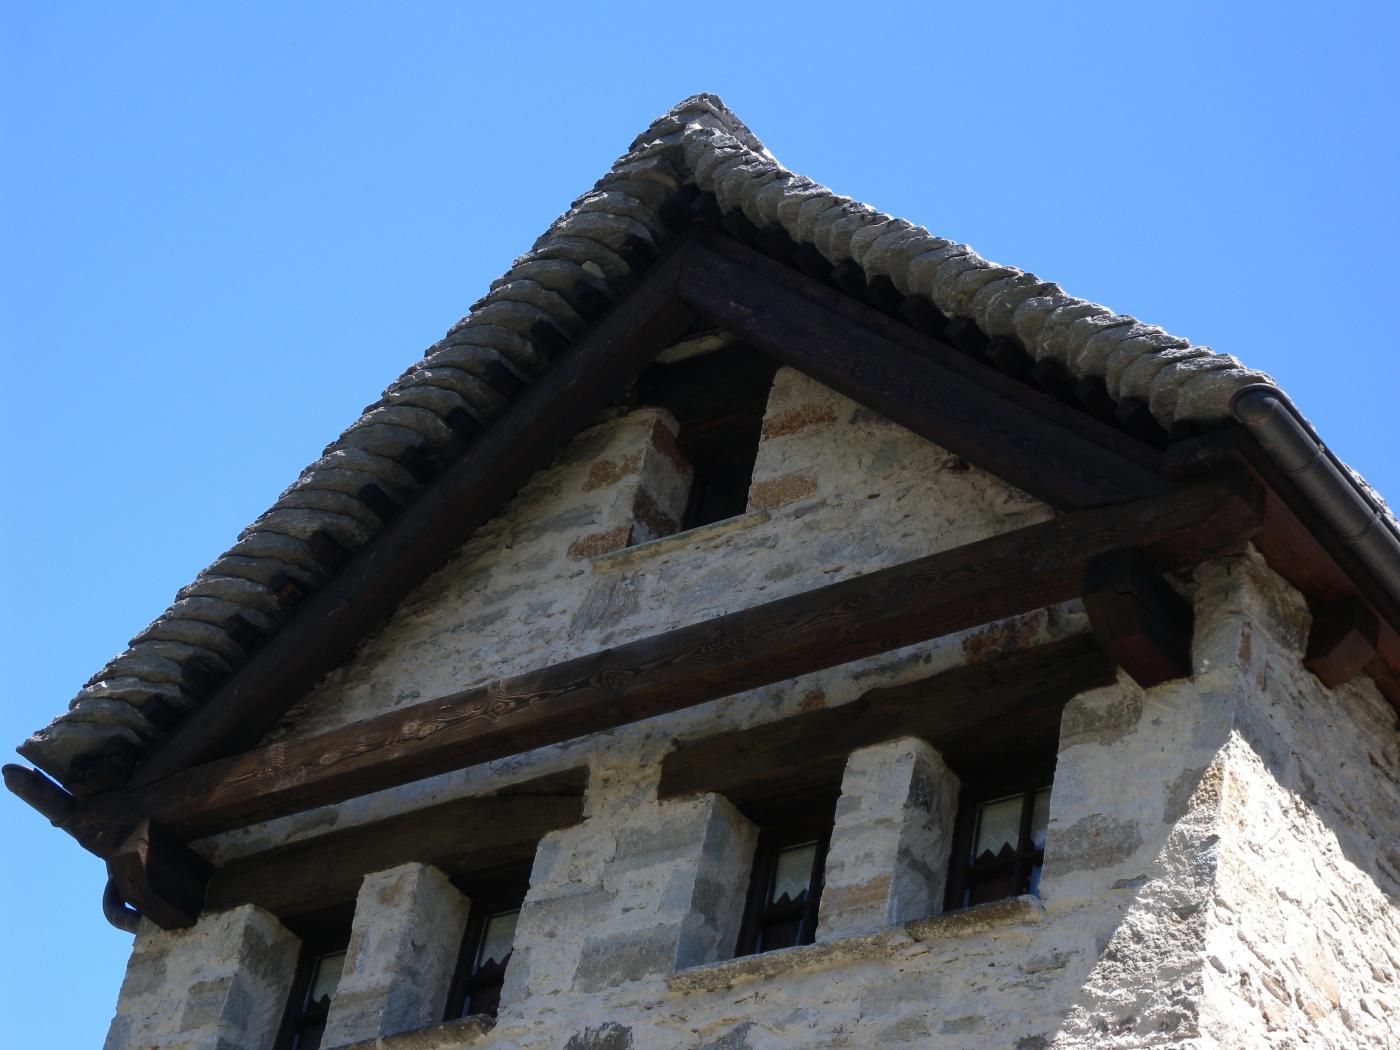 tetto con caratteristiche lose